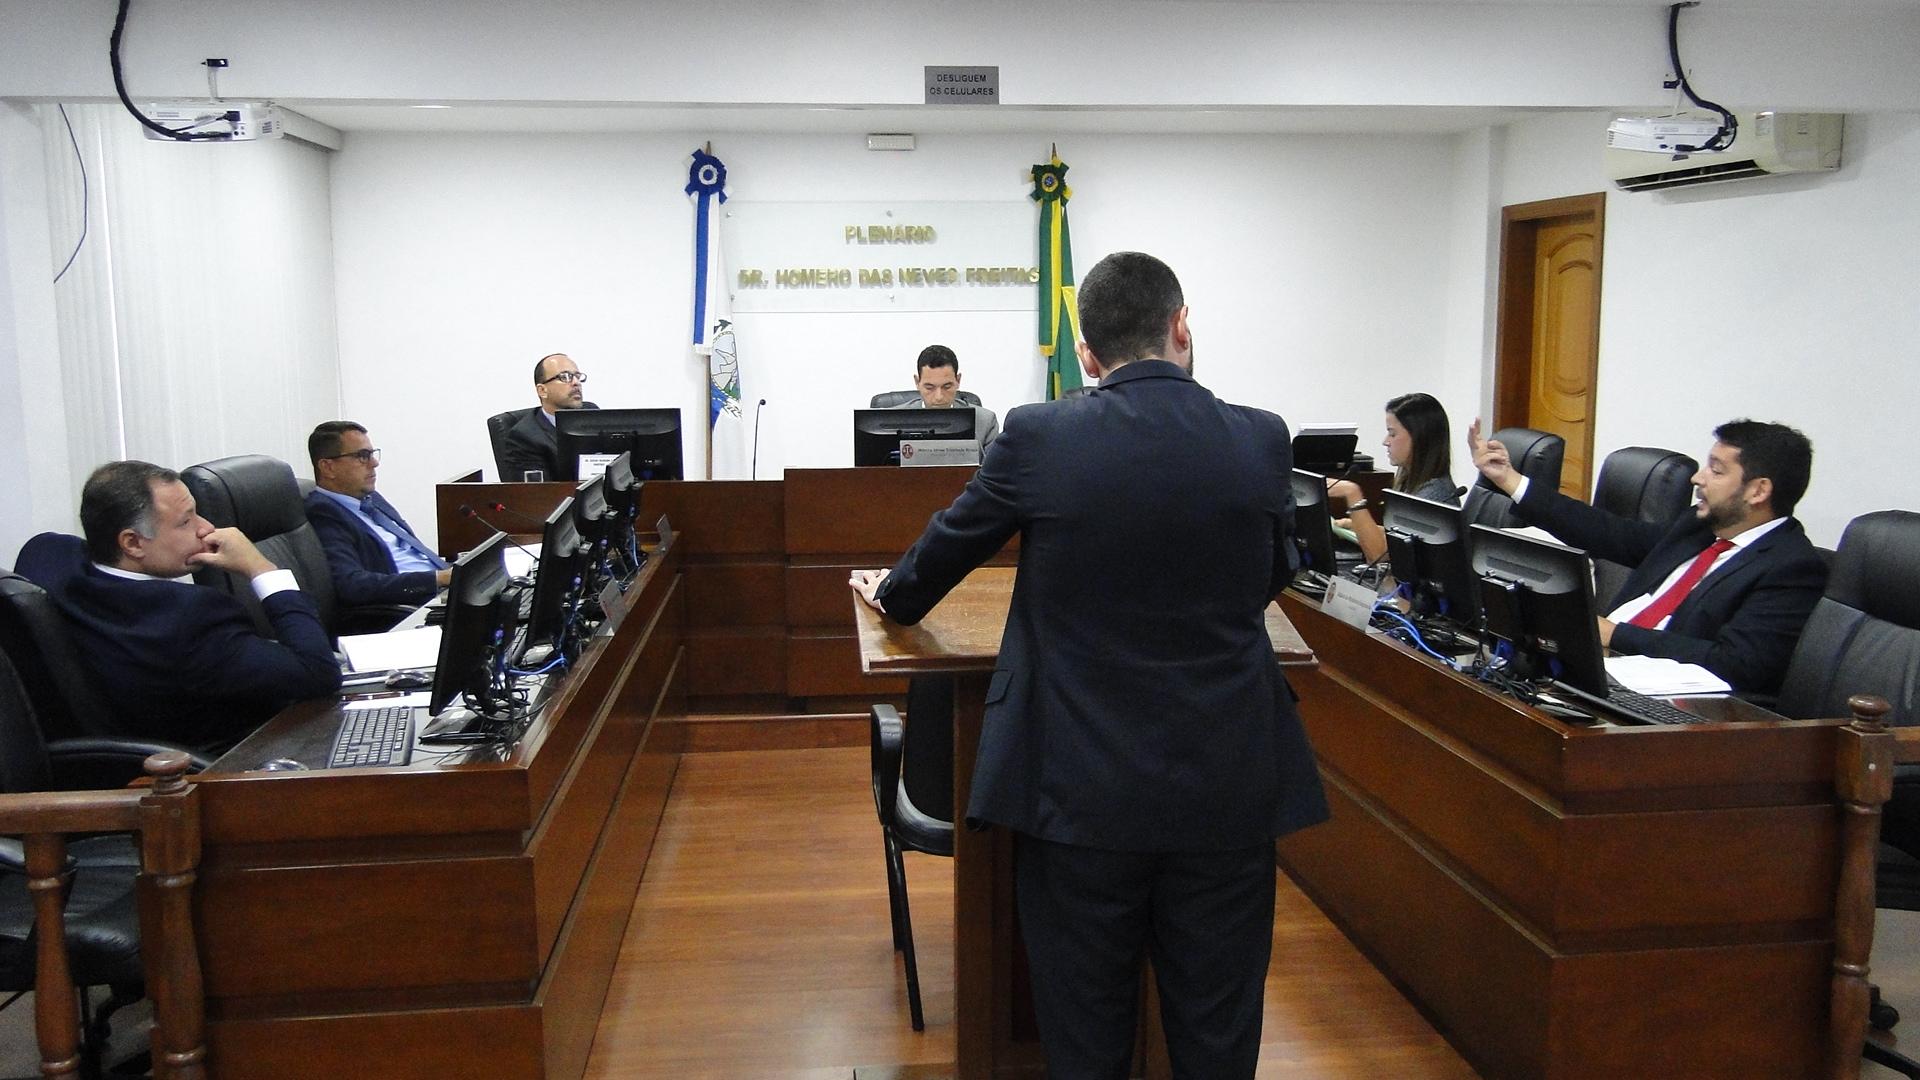 Decisões da Primeira Comissão Disciplinar